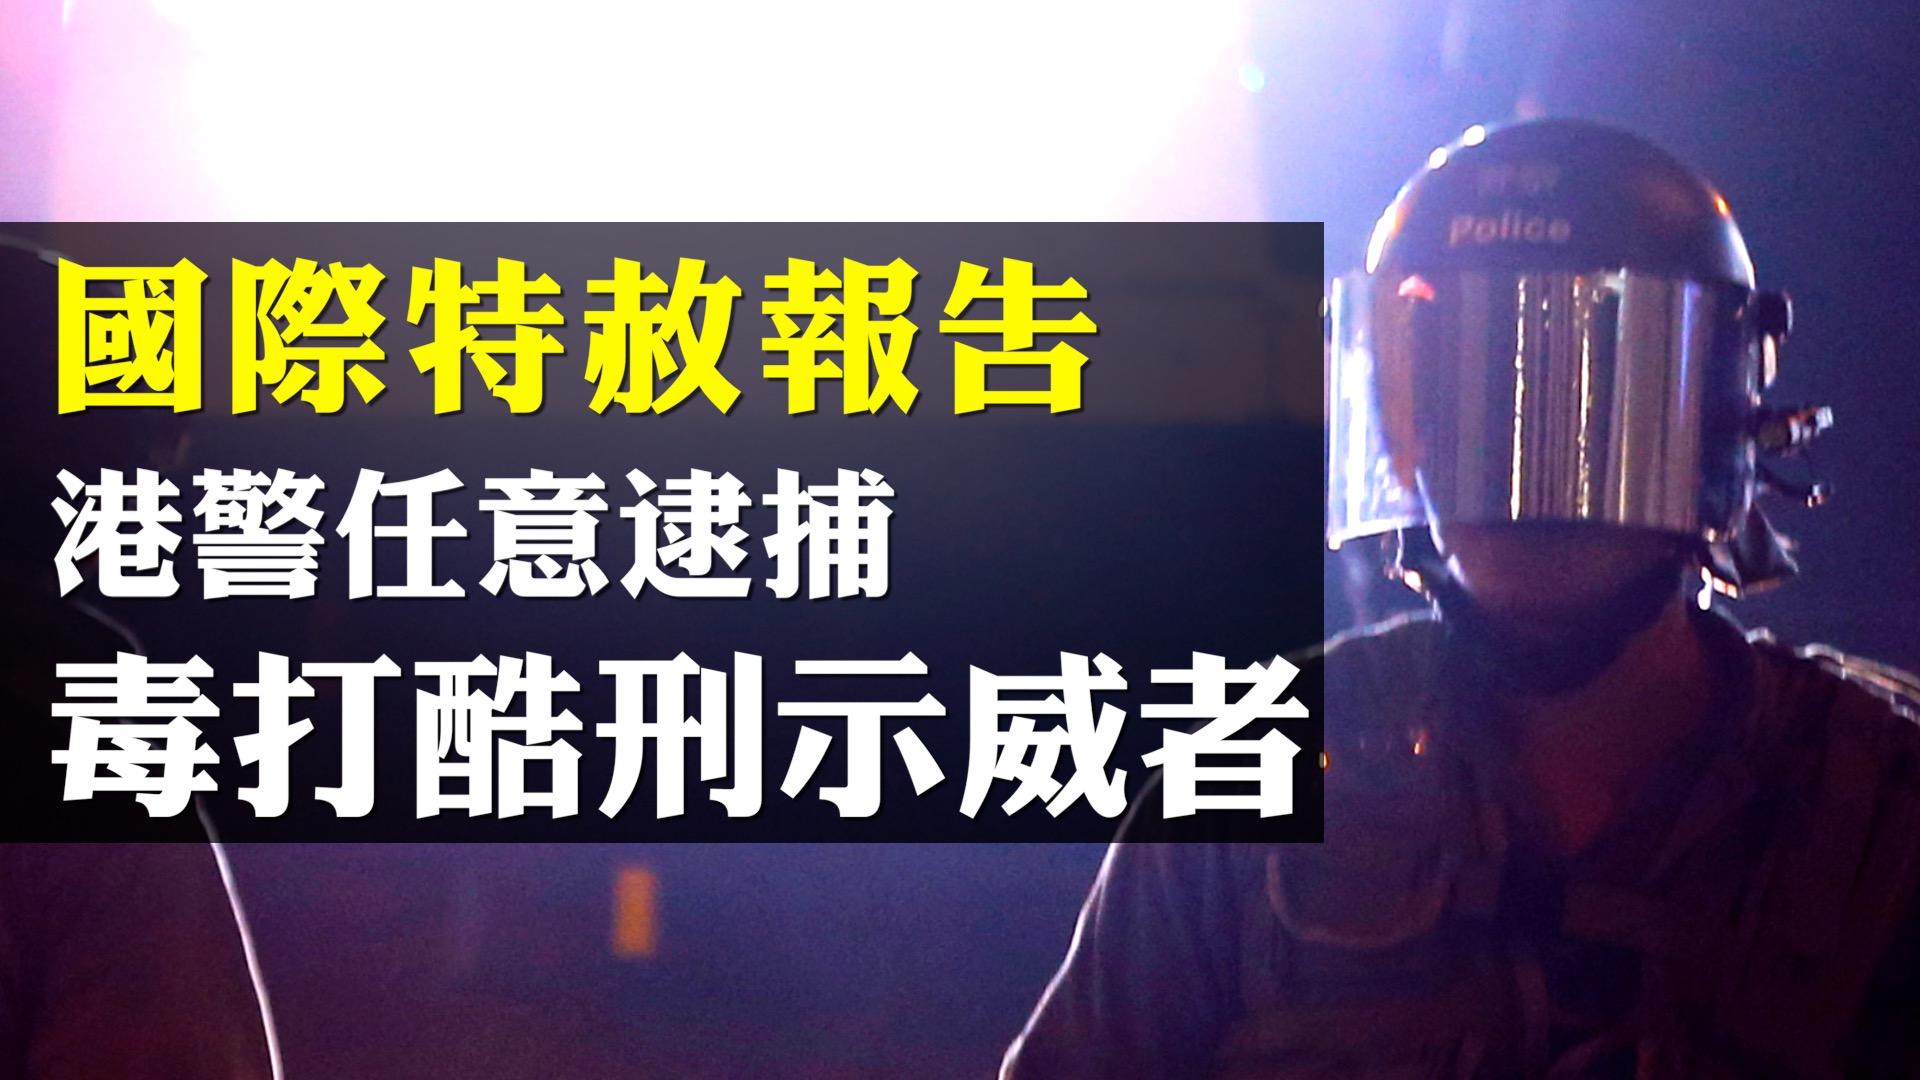 「國際特赦」報告,六個角度論證,香港警察鎮壓反送中抗爭者使用了過度武力。(新唐人)